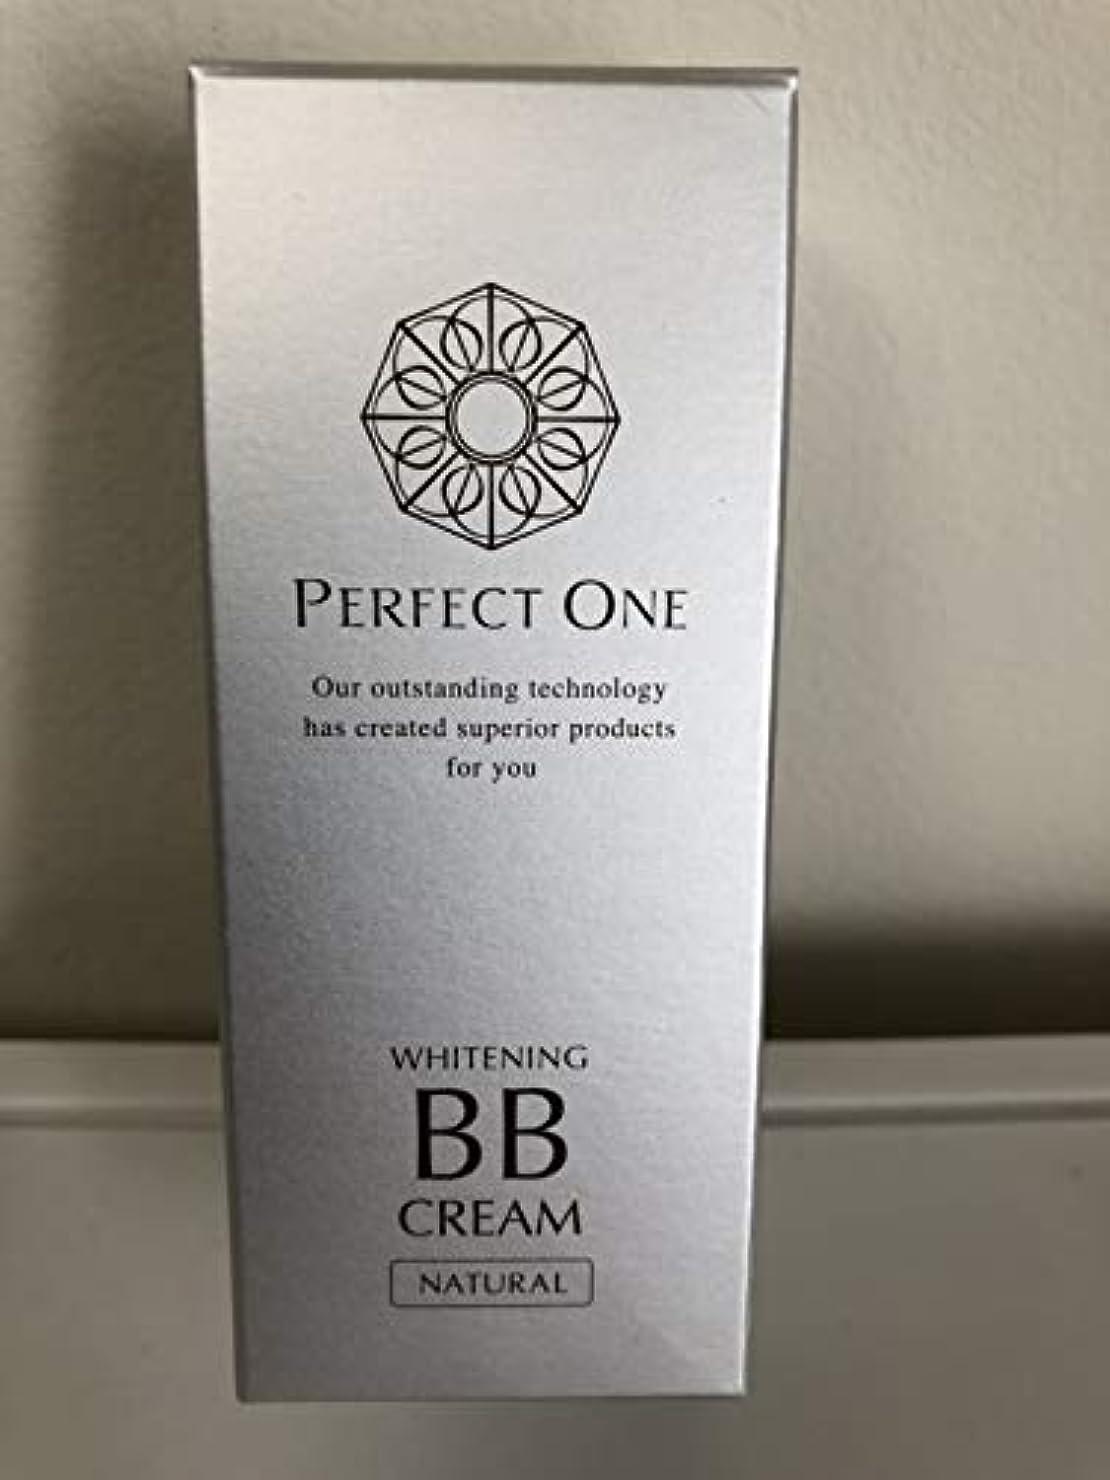 リーズ長老玉新日本製薬 パーフェクトワン 薬用ホワイトニングBBクリーム ナチュラル 25g